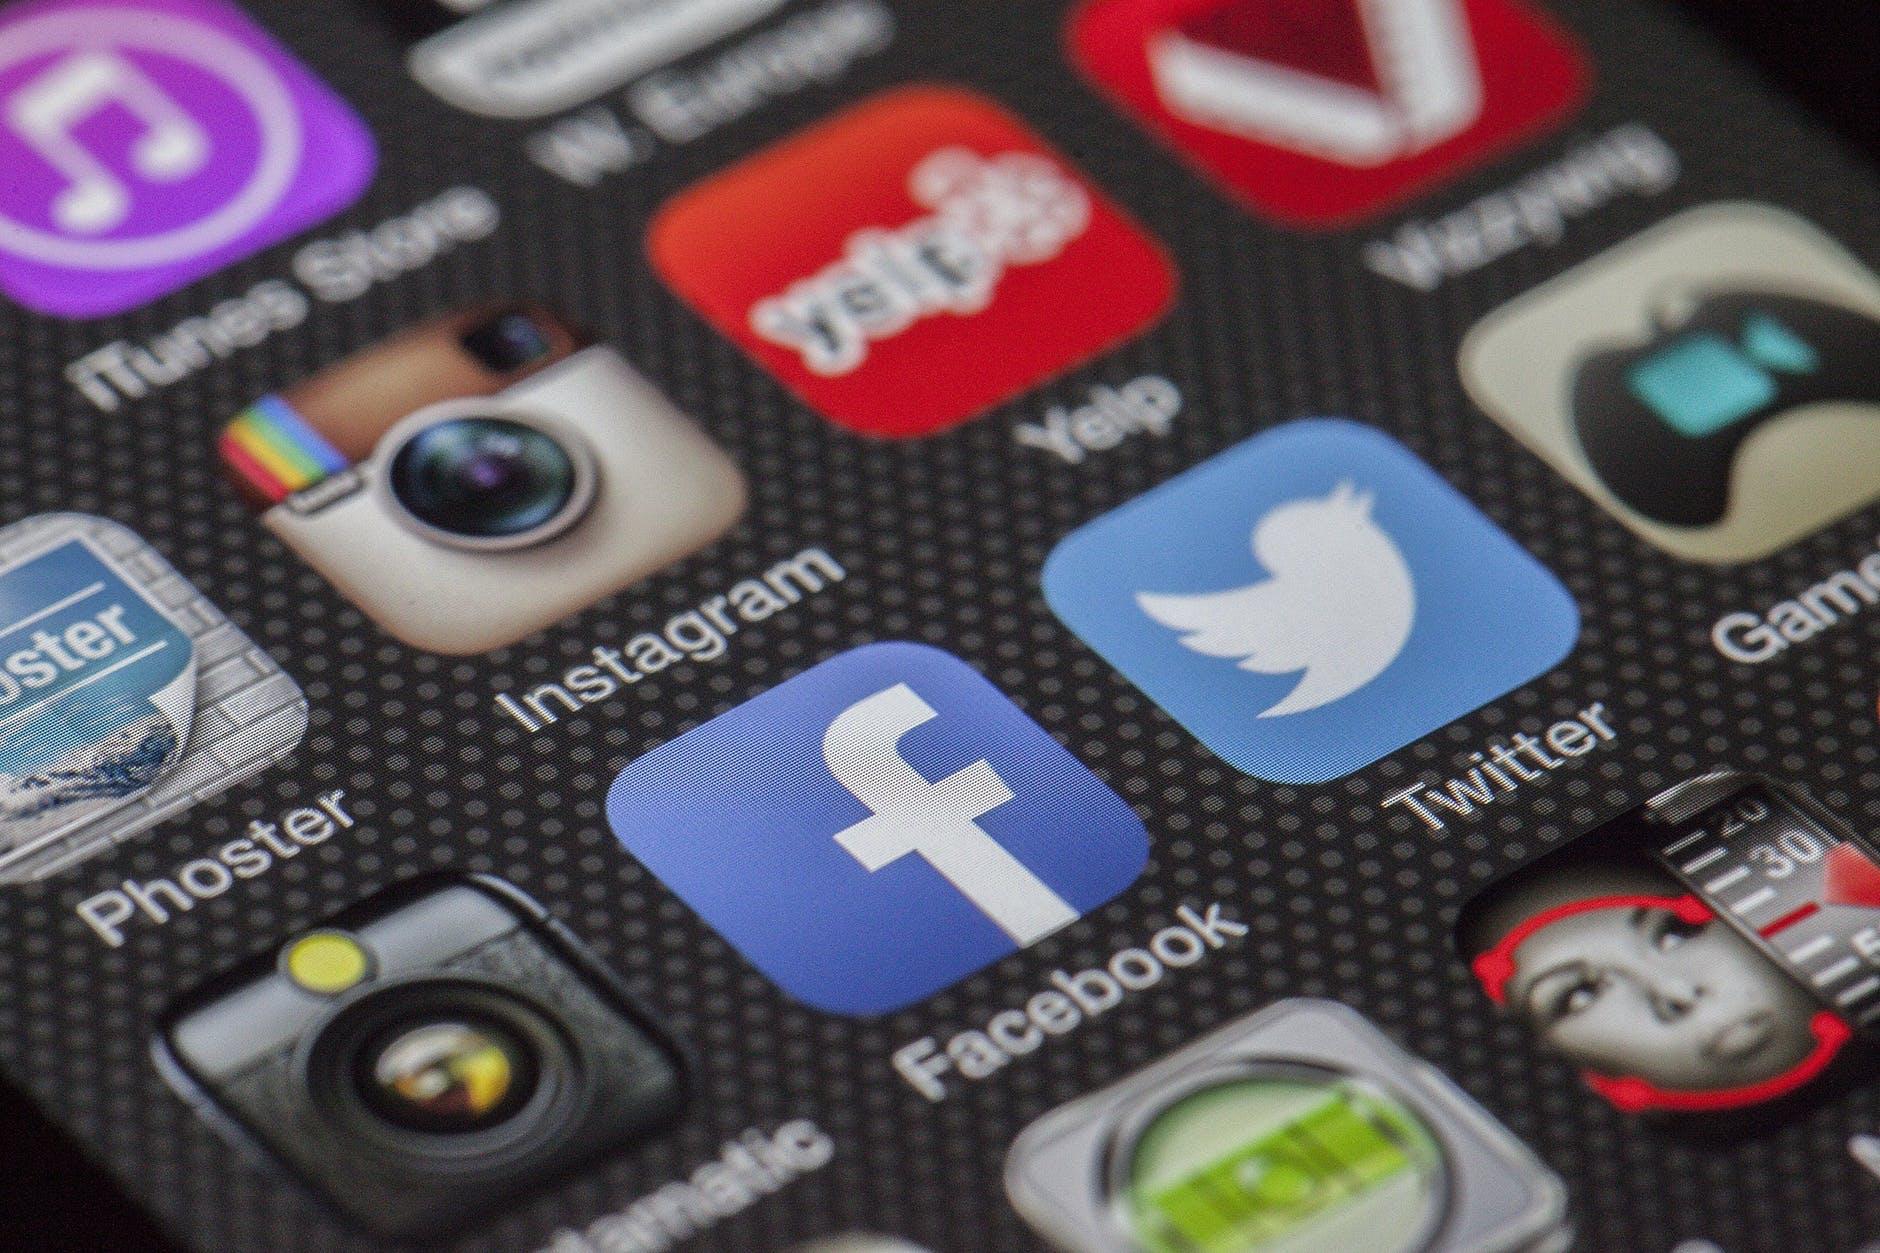 你的iPhone可能会被监视 一些APP可以记录你的屏幕属性